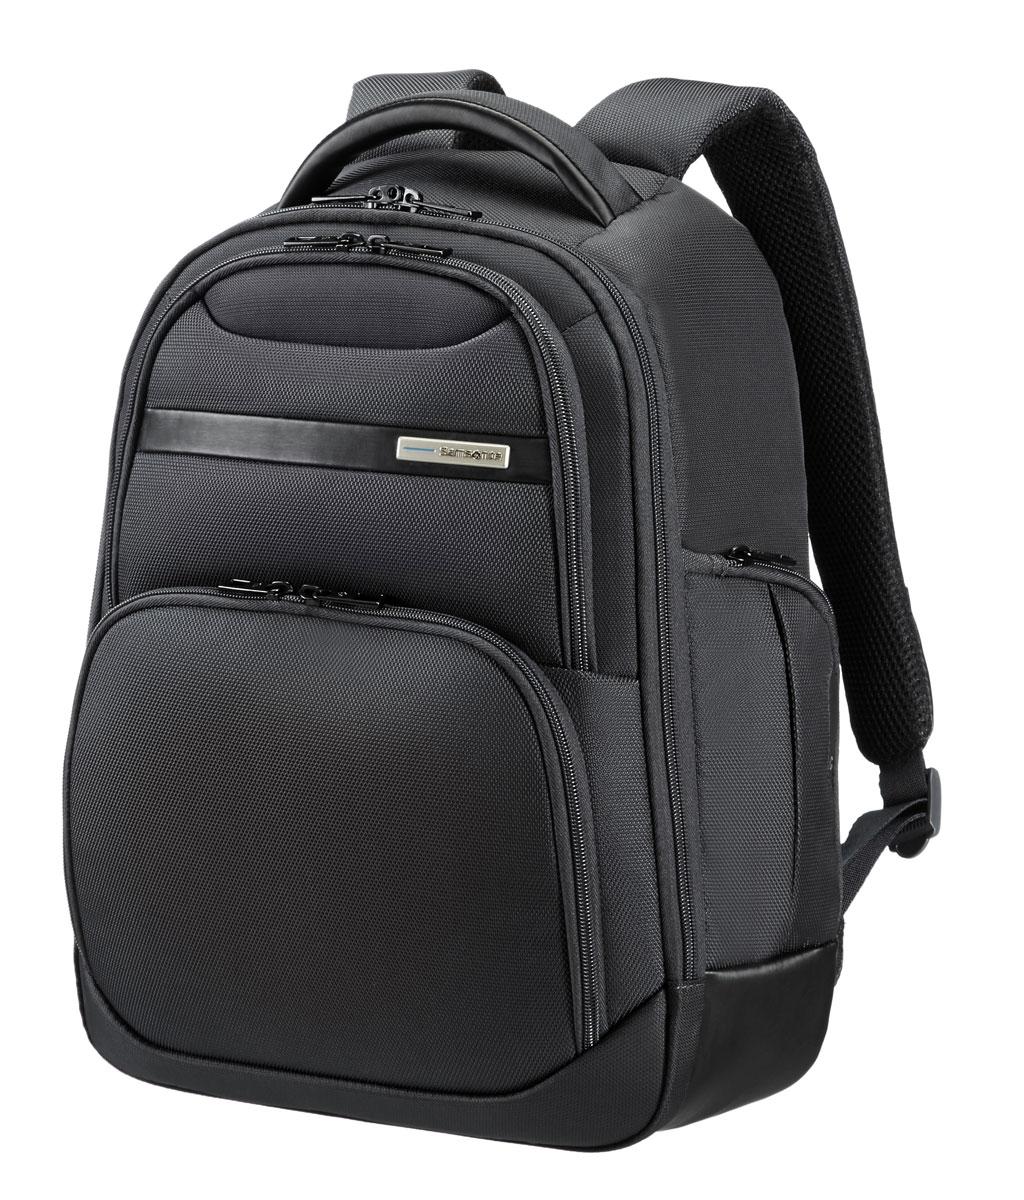 Рюкзак для ноутбука Samsonite Guardit, цвет: черный, 15 л, 31,5 х 17,5 х 42 смRivaCase 8460 blackРюкзак для ноутбука Samsonite Guardit до 14 изготовлен из полиэстера. Коллекция Guardit является идеальным решением для пользователей ноутбуков,объединяет в себе базовую функциональность с отличным внешним видом. Особенности коллекции: передний карман с внутренней организацией,умный карман, верхняя ручка с прокладкой из неопрена.Размер рюкзака: 31,5 х 17,5 х 42 смОбъем рюкзака: 15 л.